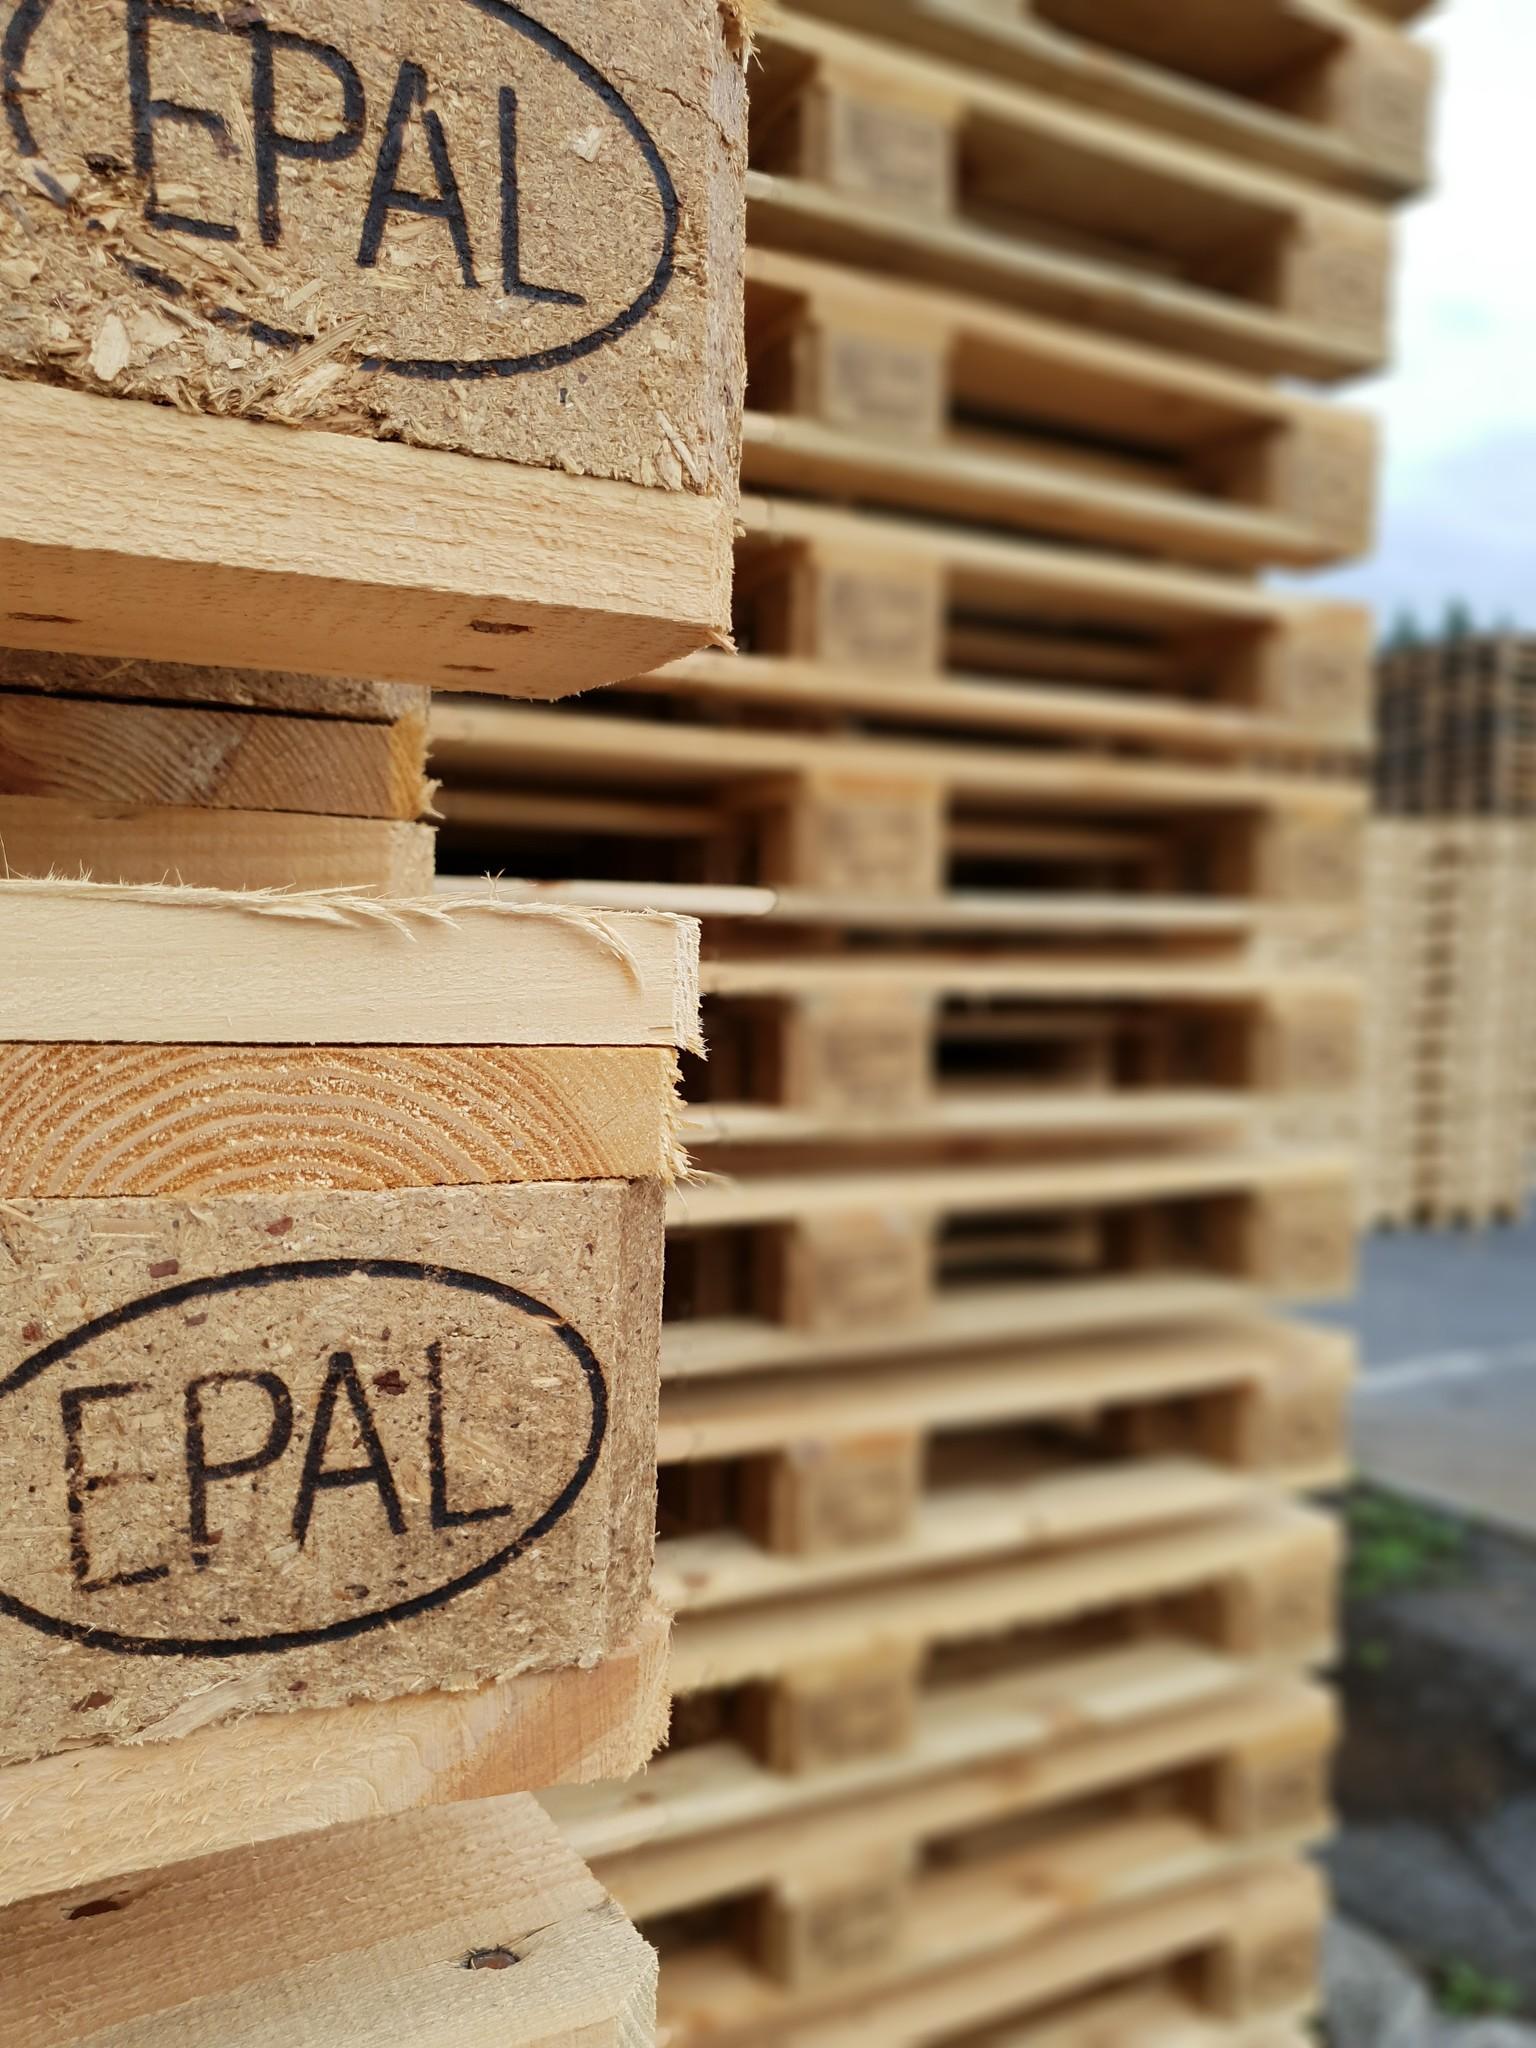 Palettes bois EPAL